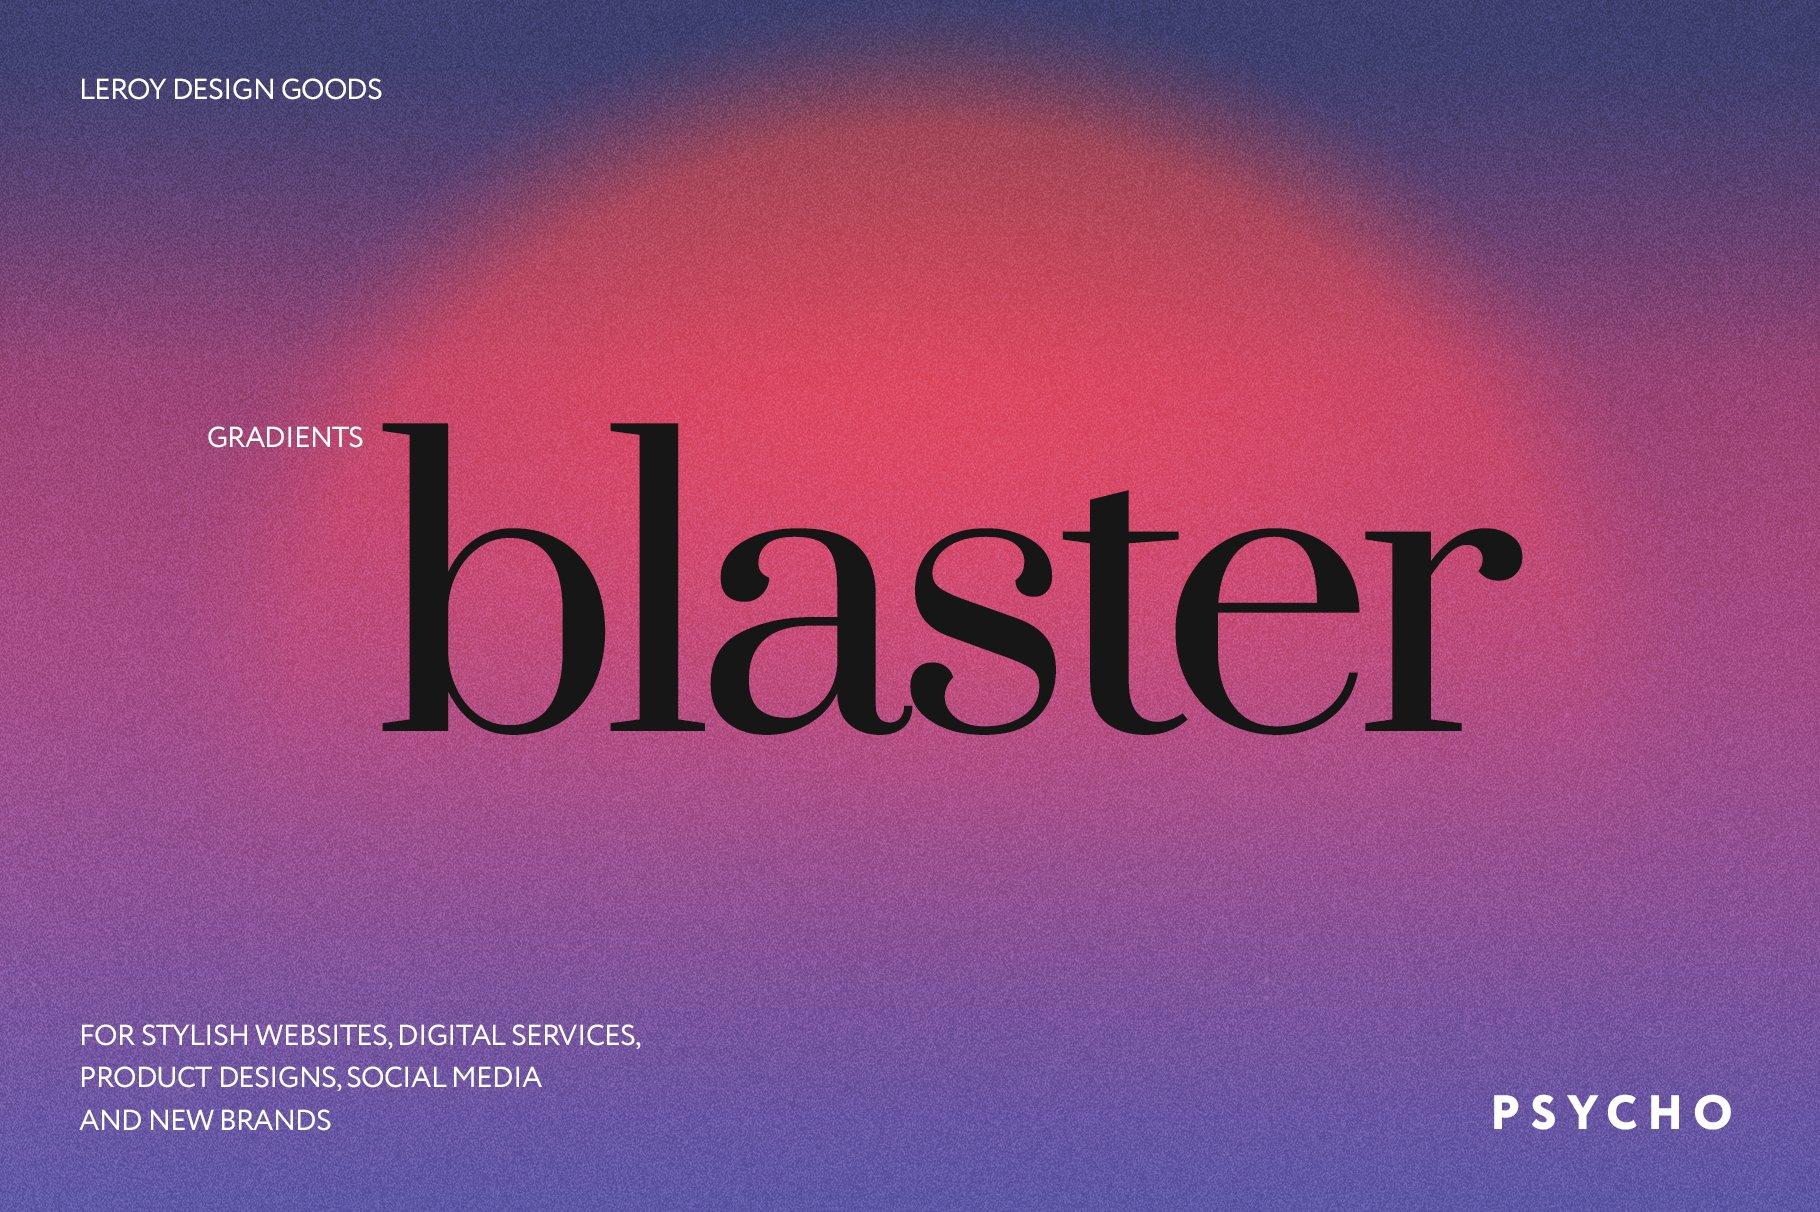 [淘宝购买] 12款炫彩复古模糊渐变海报背景底纹PS分层素材源文件 BLASTER Retro Gradient Textures插图(2)